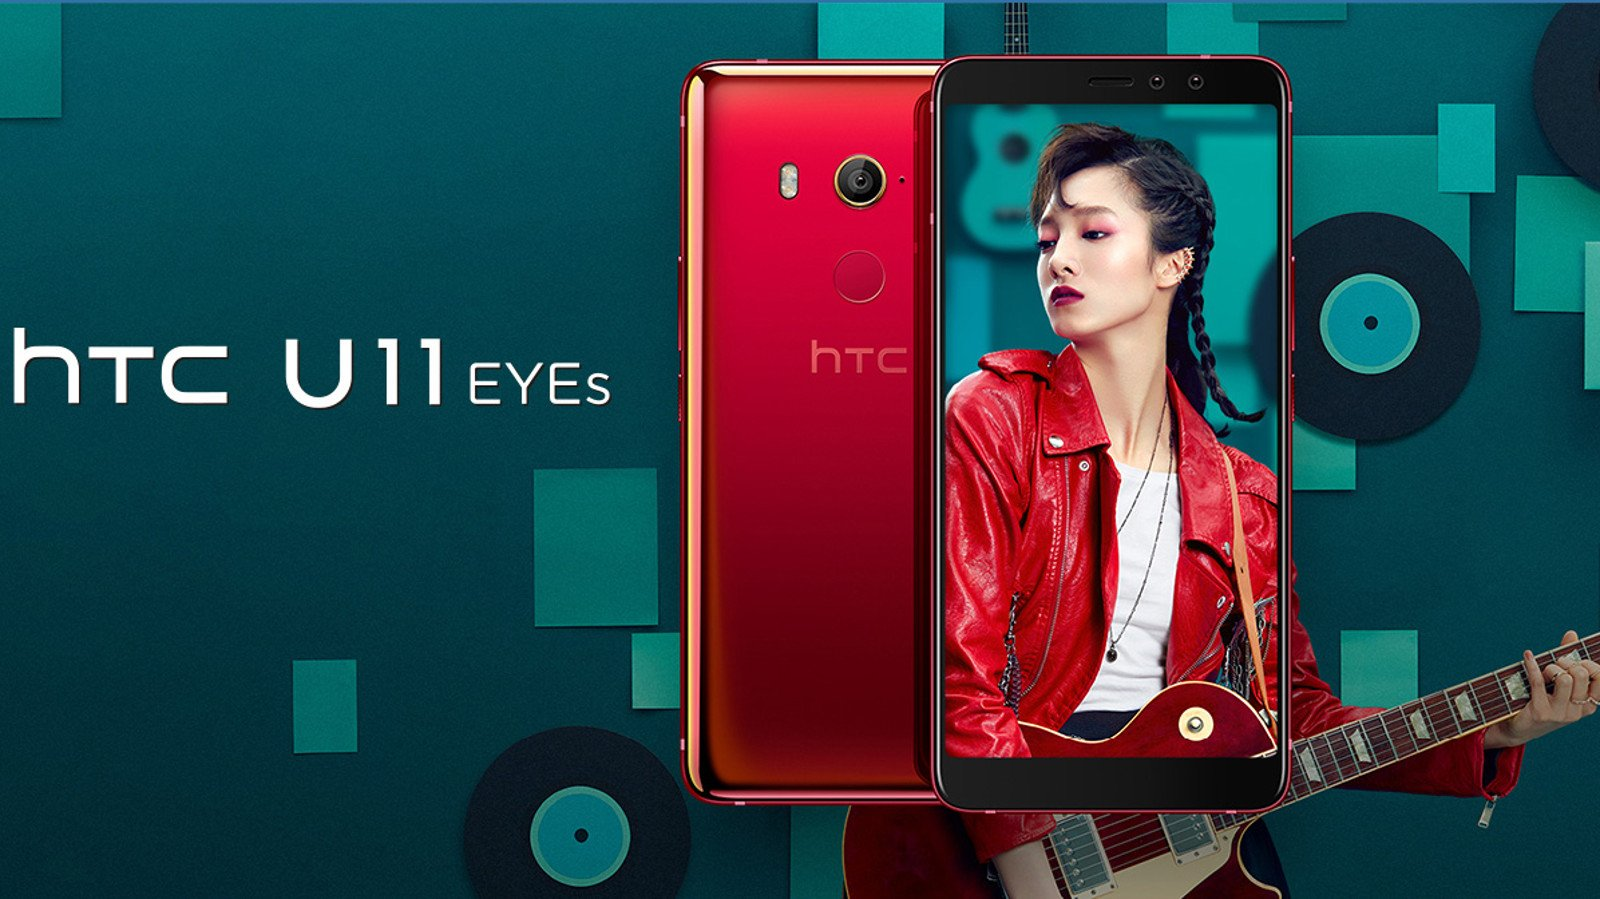 HTC U11 EYEs rəsmi olaraq təqdim olundu